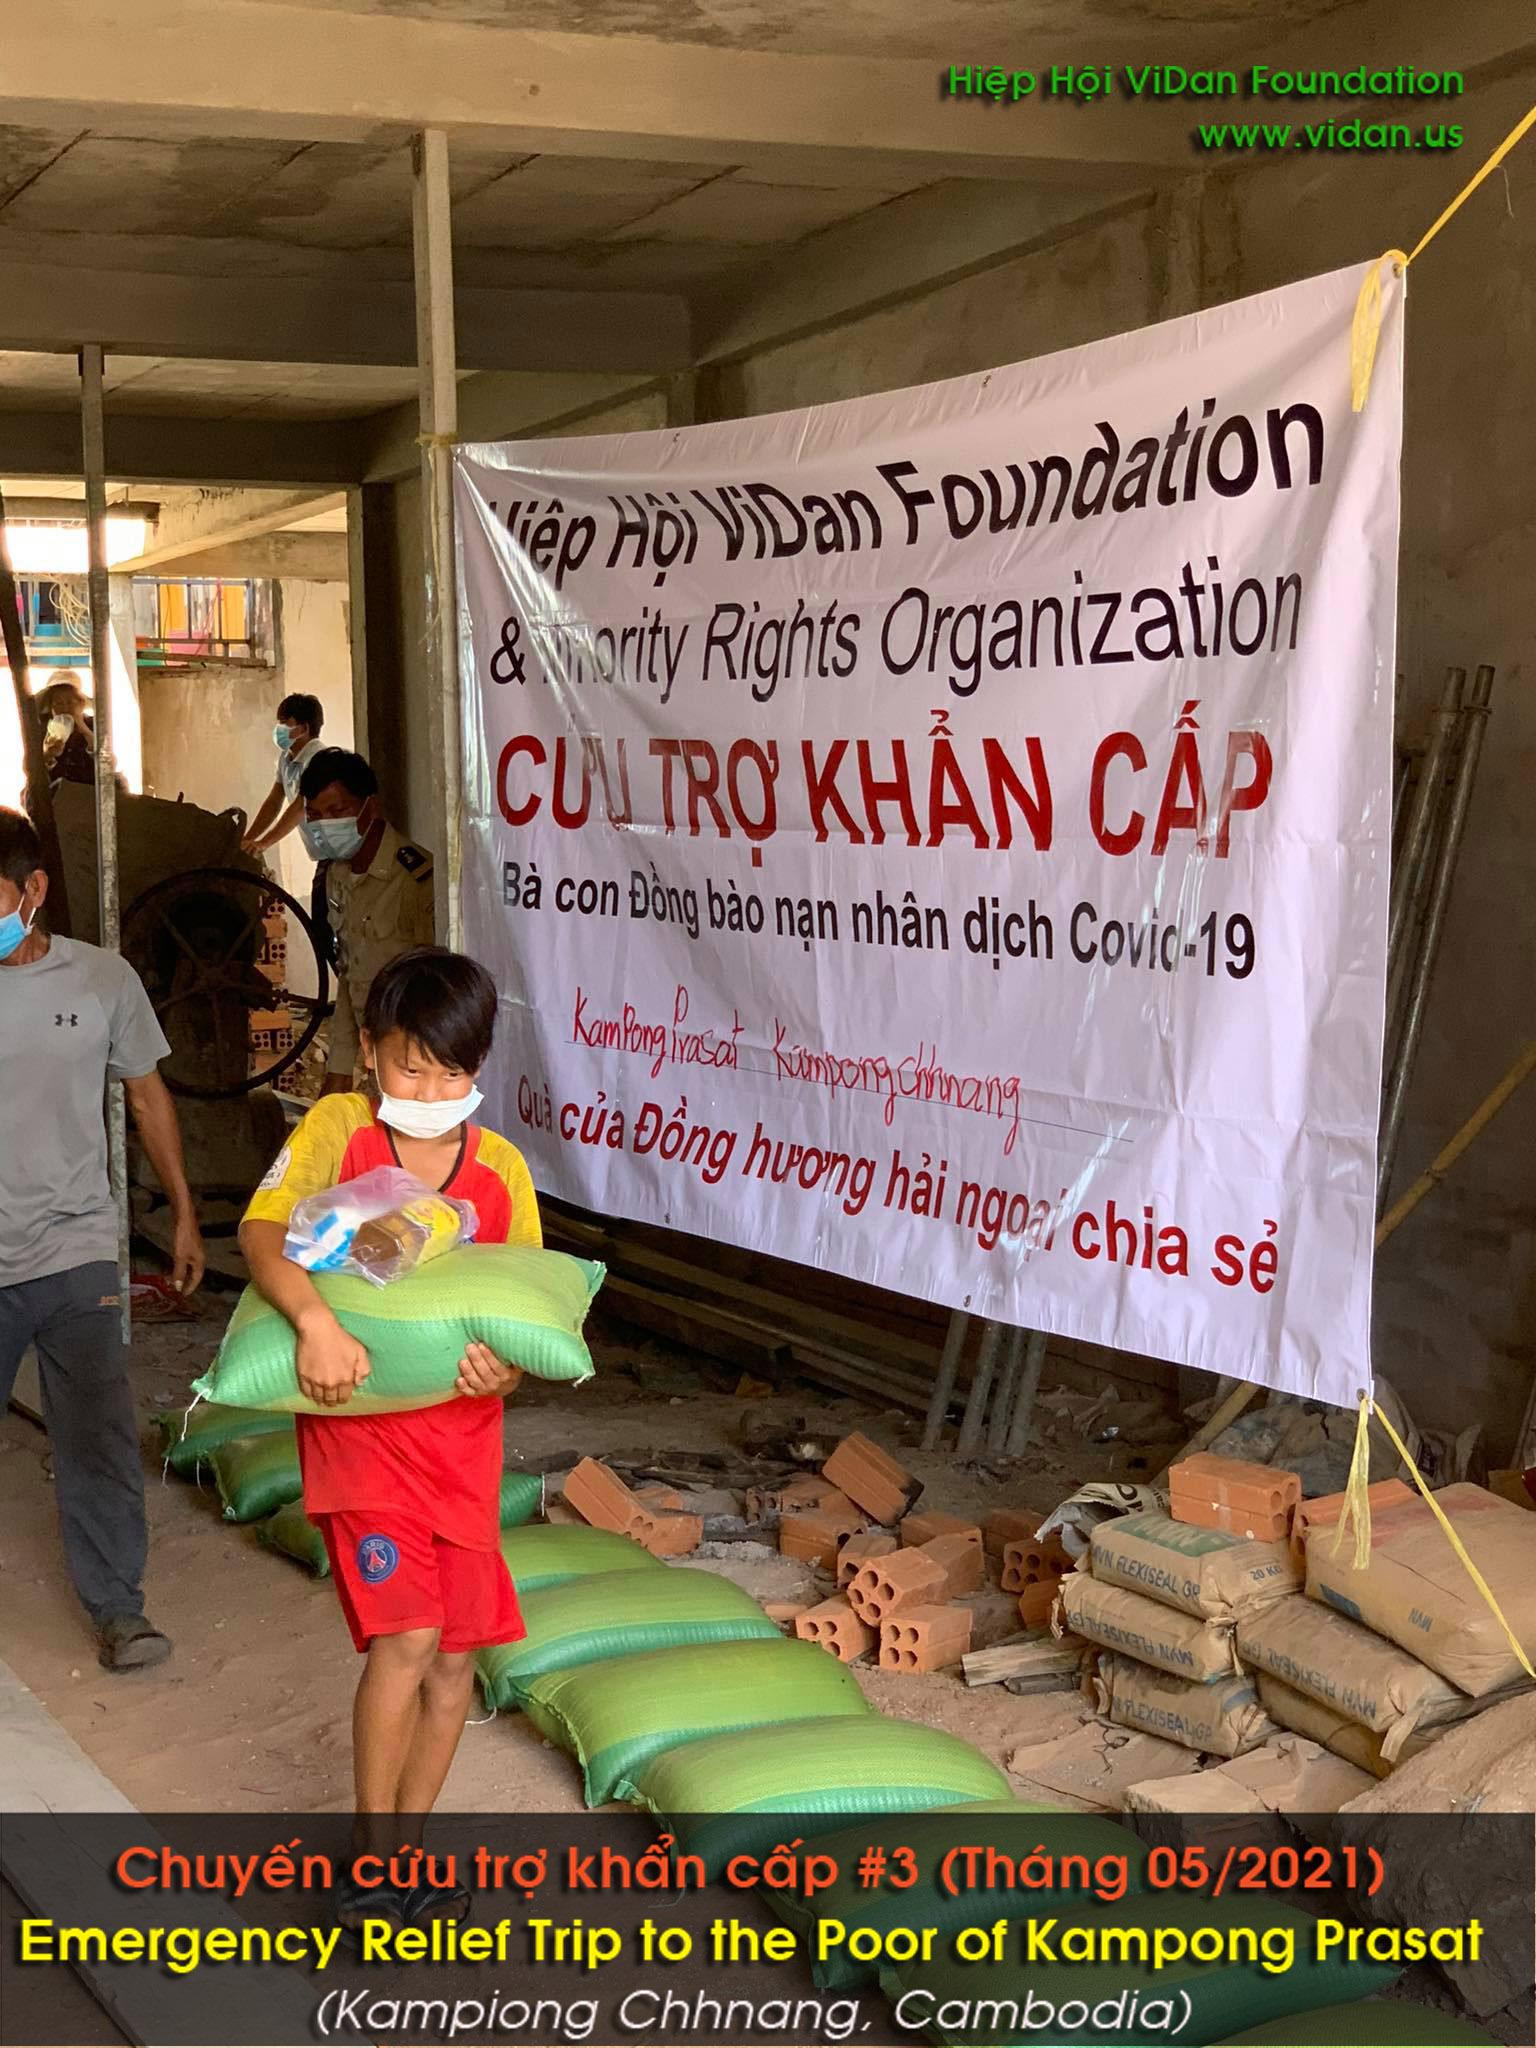 Hình ảnh chuyến cứu trợ ở vùng Kampong Prasat